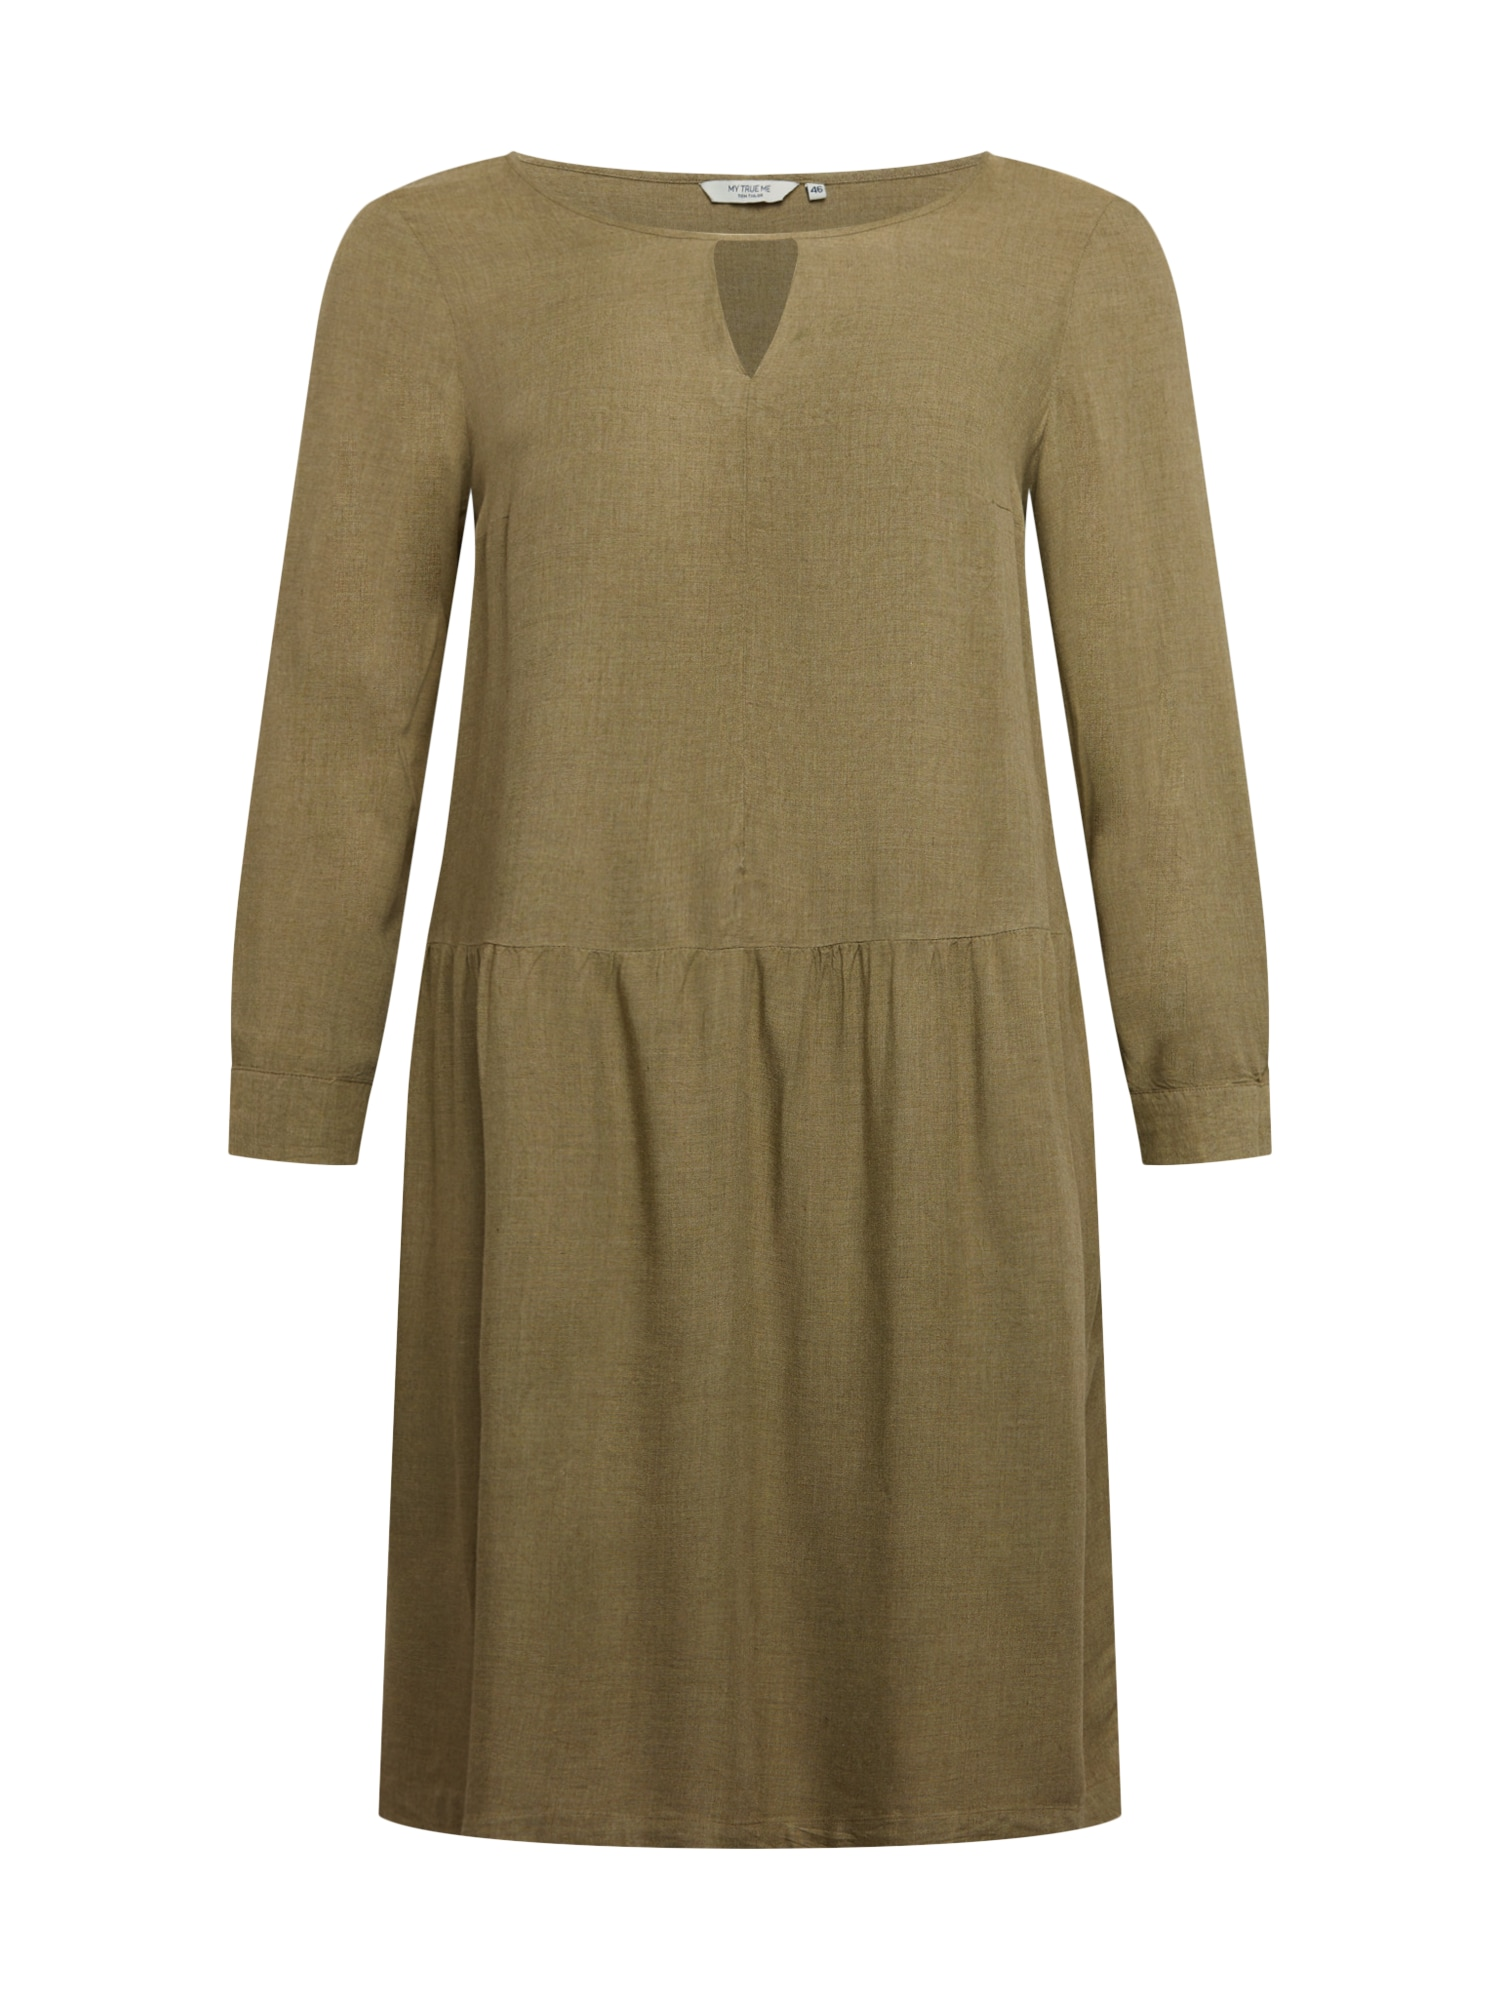 MY TRUE ME Suknelė šviesiai žalia